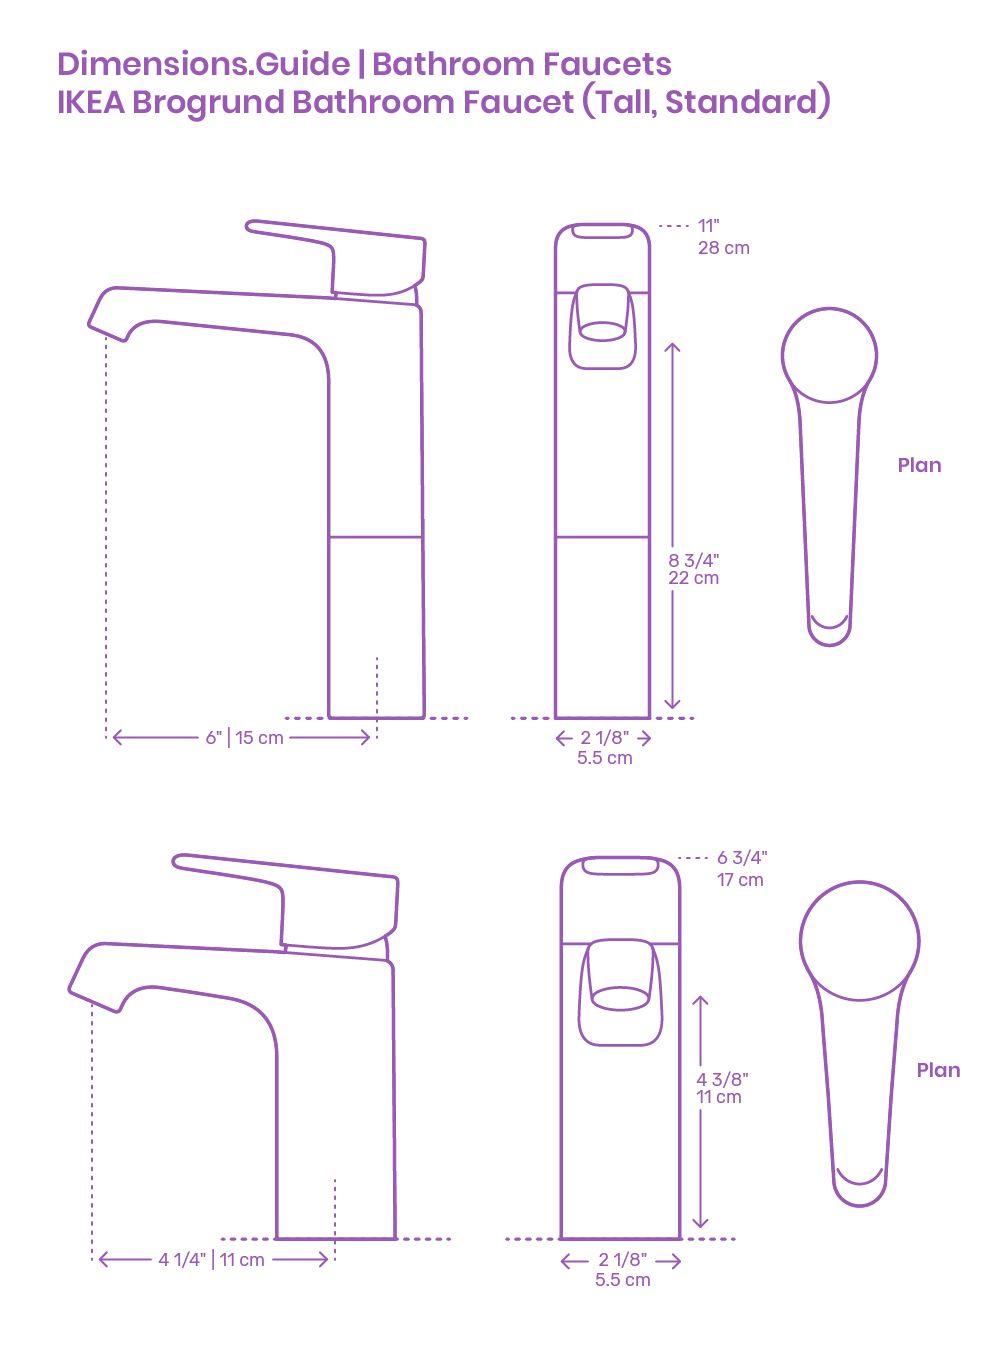 Ikea Brogrund Bathroom Faucet In 2020 Bathroom Faucets Faucet Single Hole Bathroom Faucet